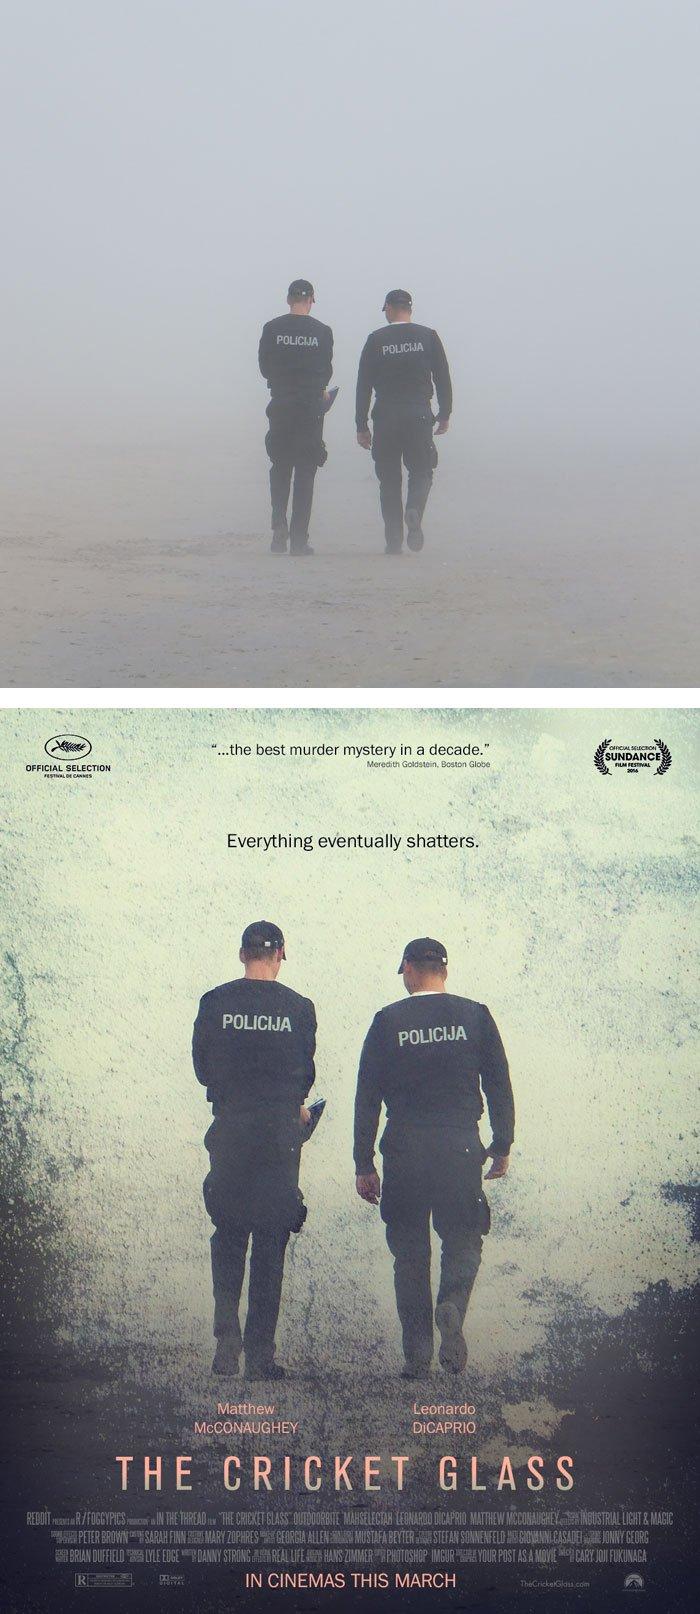 Transformando fotografias em posters de filmes  (9)